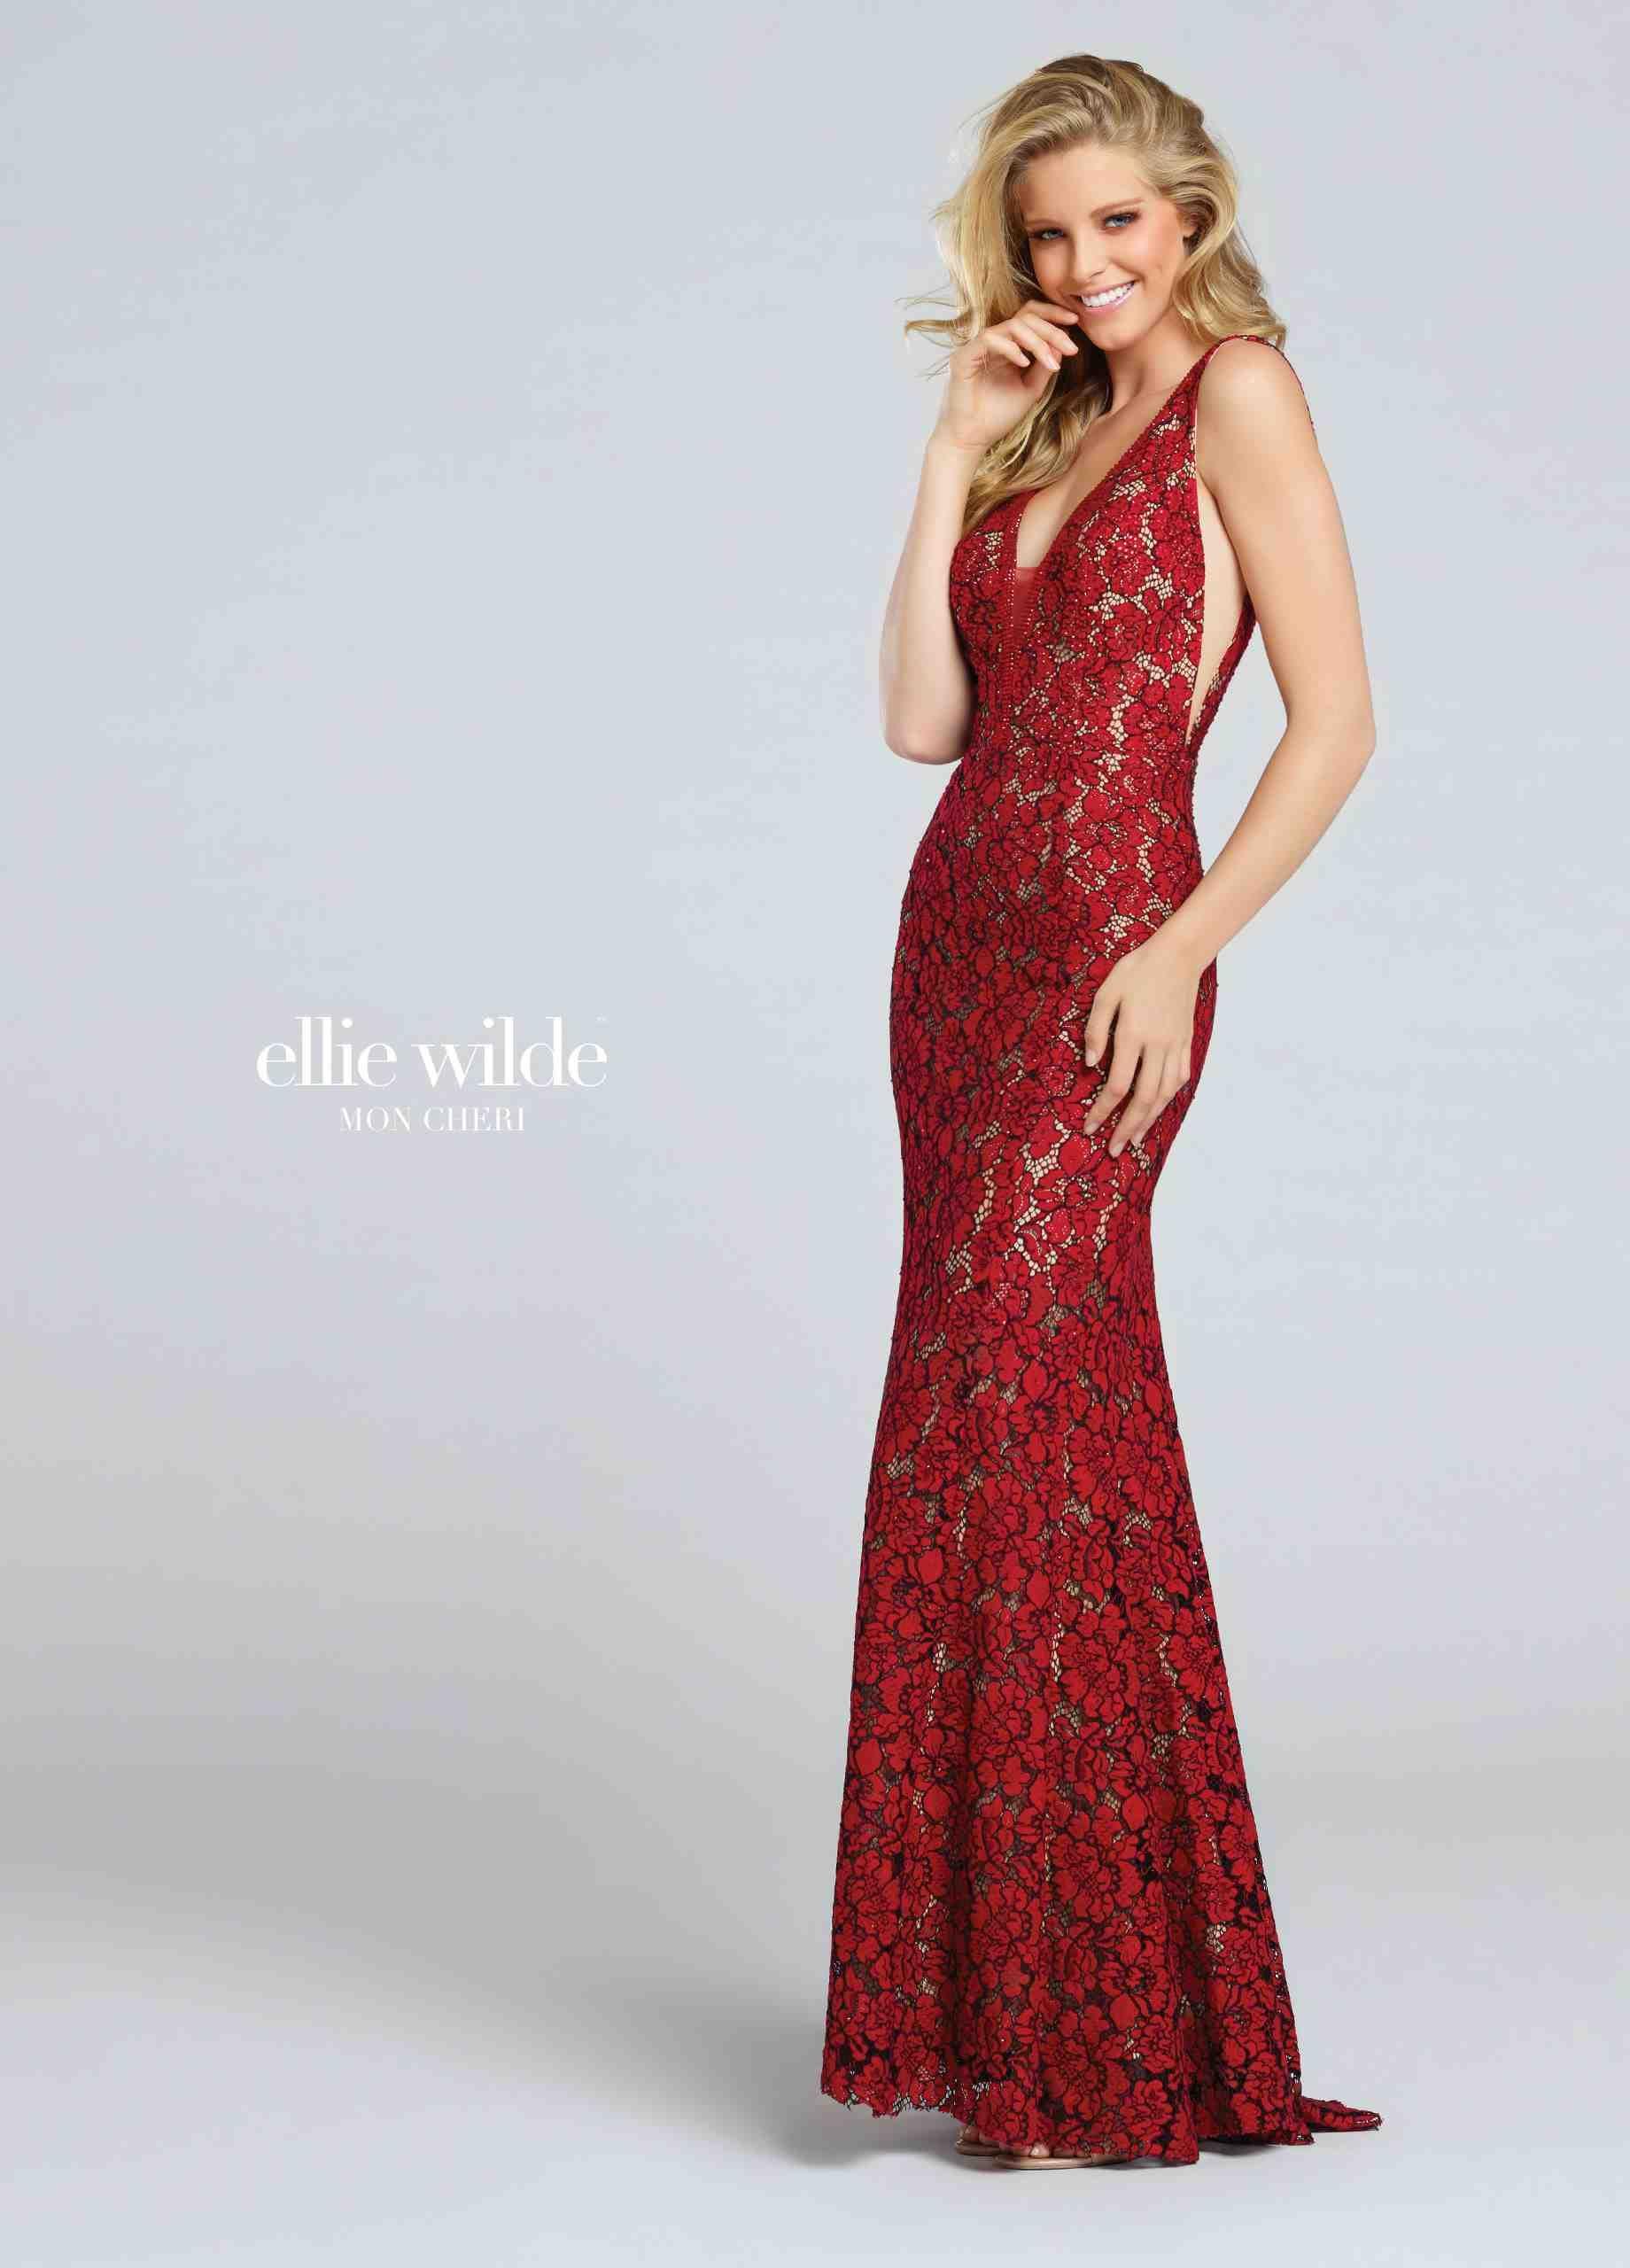 2019 Dantel Abiye Elbise Modelleri Sik Gece Kiyafetleri The Dress Aksamustu Giysileri Mezunlar Gecesi Elbiseleri